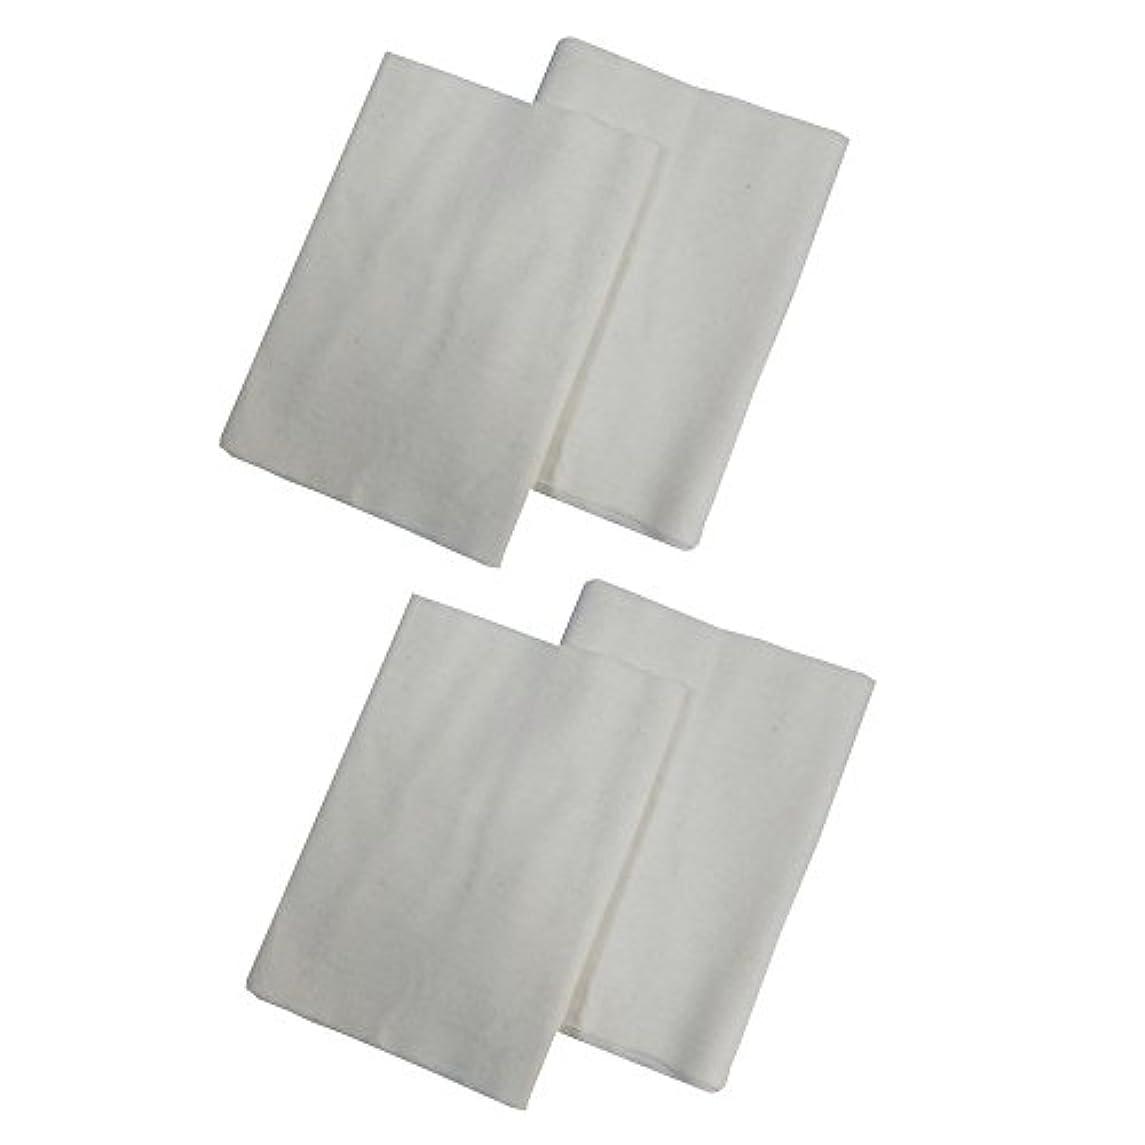 石鹸暗唱するティームコットンフランネル4枚組(ヒマシ油用) 無添加 無漂白 平織 両面起毛フランネル生成